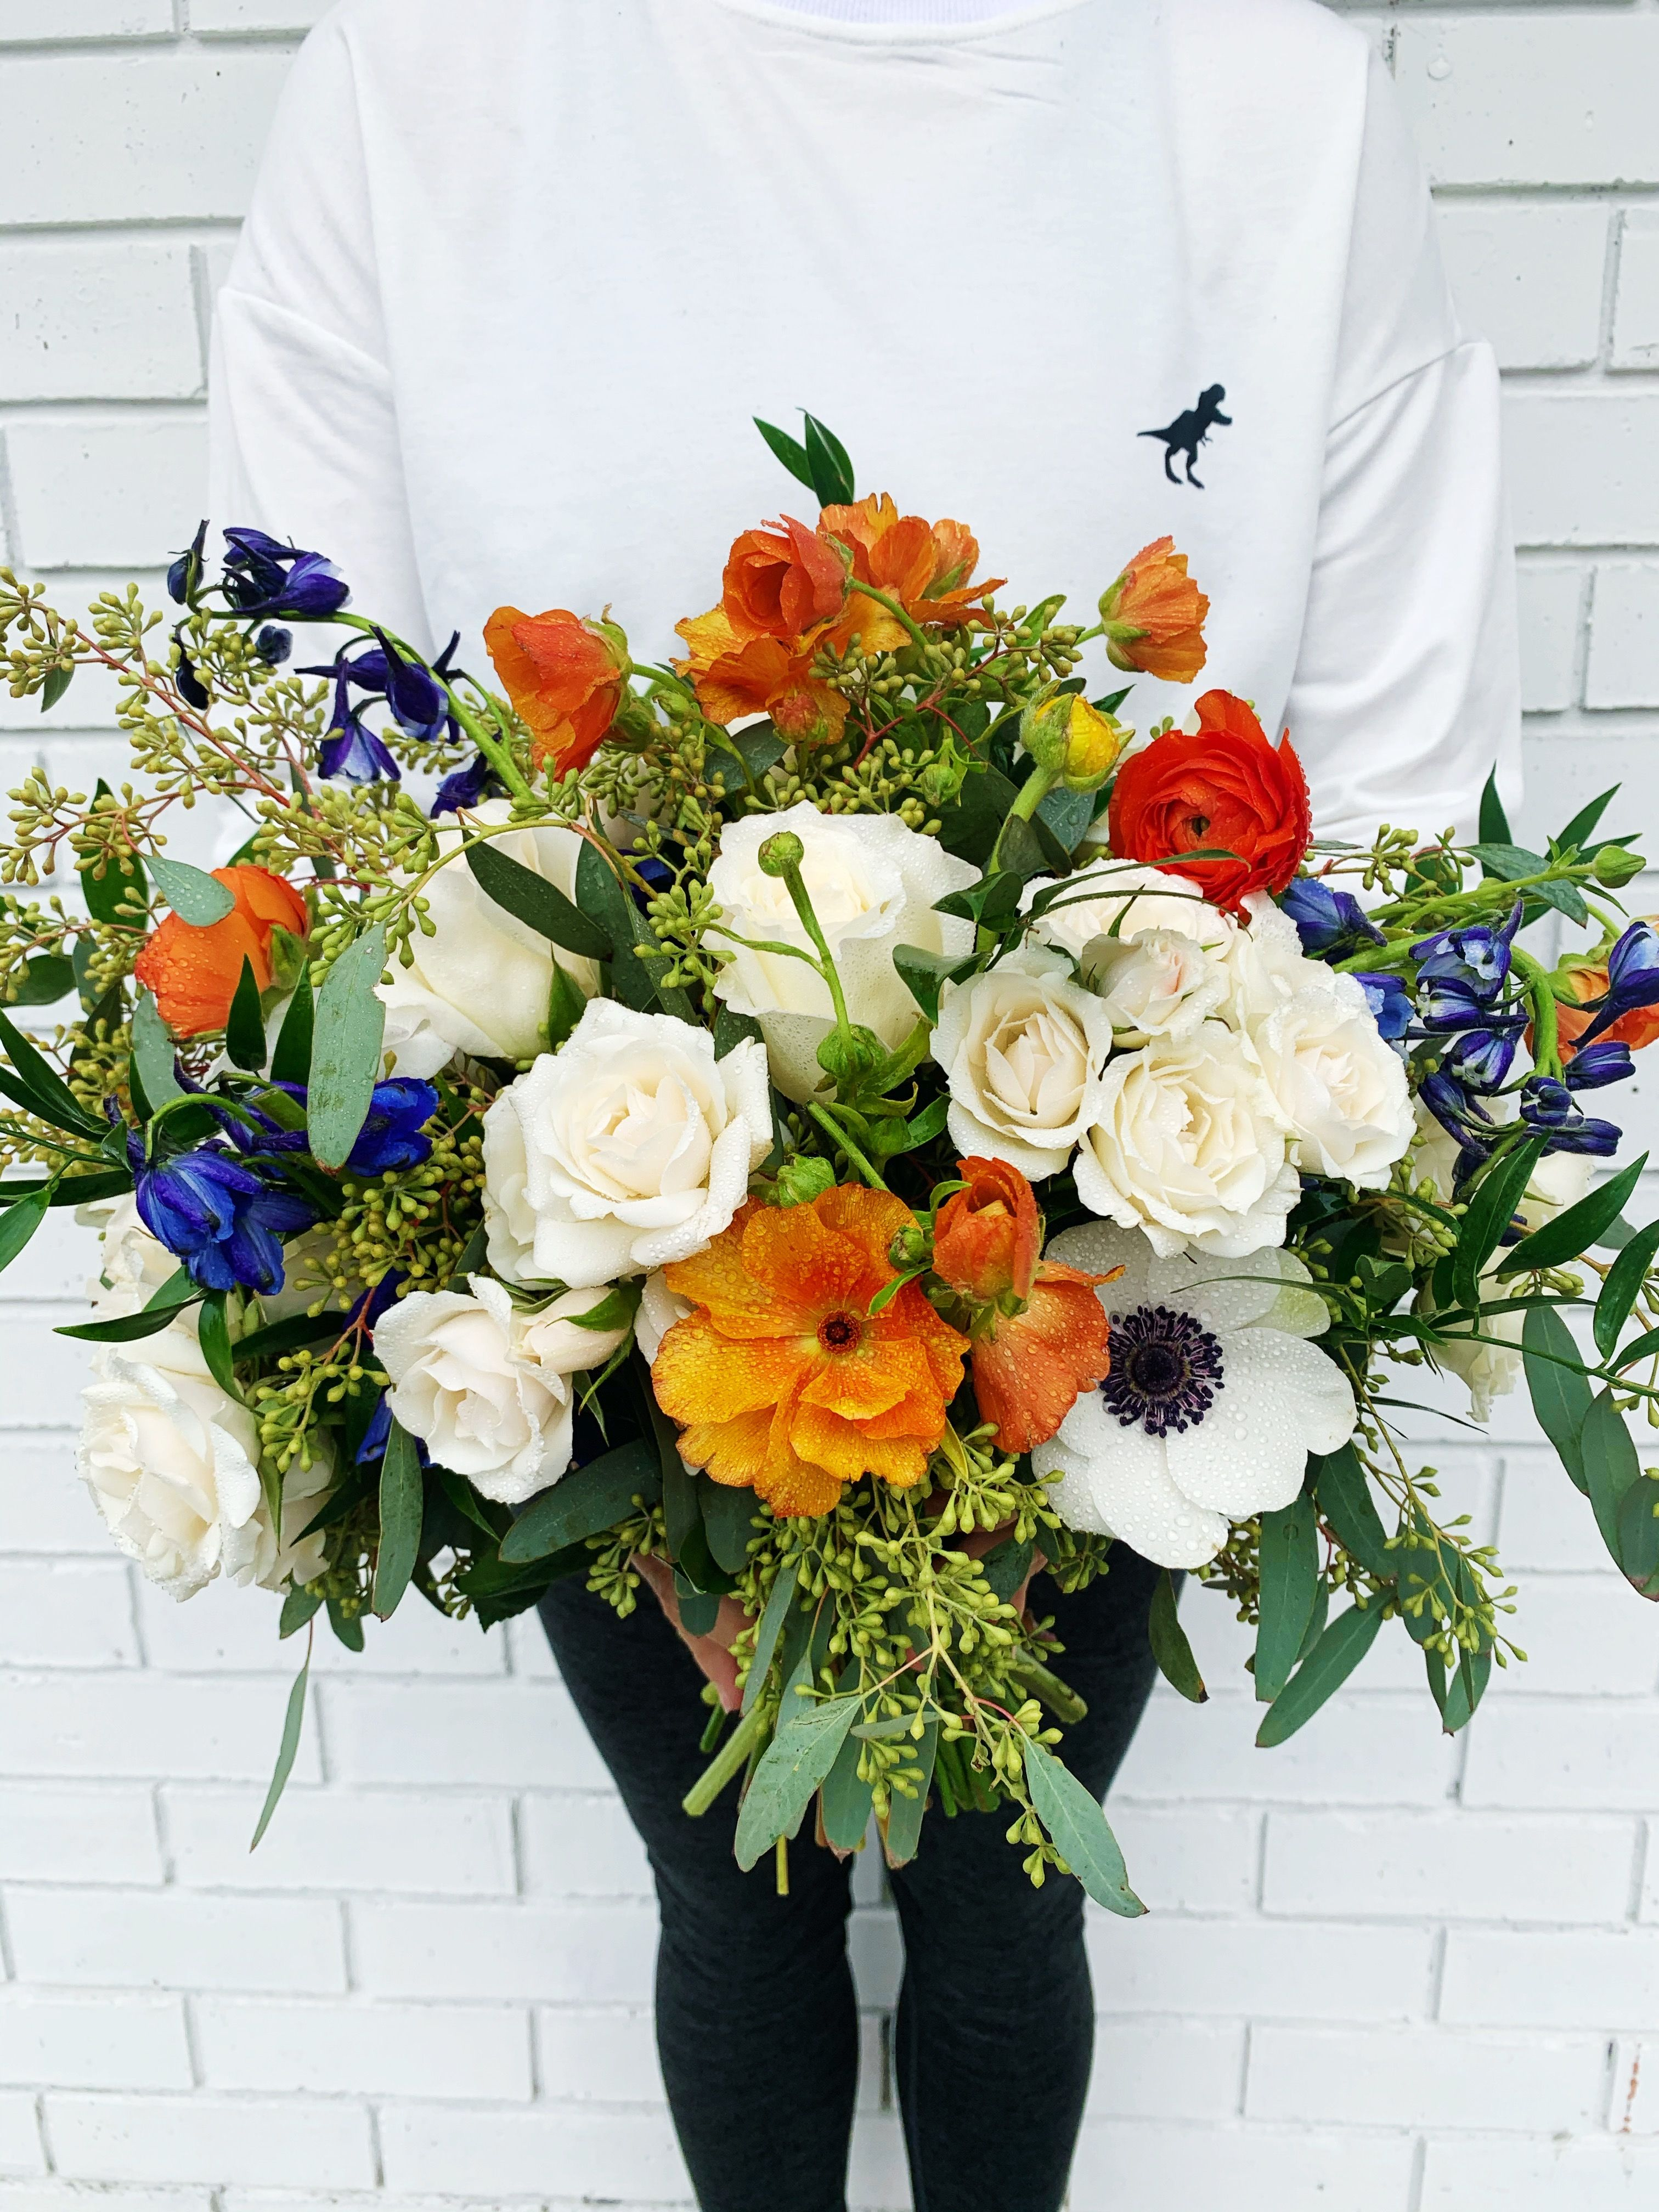 Violet Orange Flower Bridal Bouquet In 2020 Wedding Flower Packages Flower Packaging Bridal Bouquet